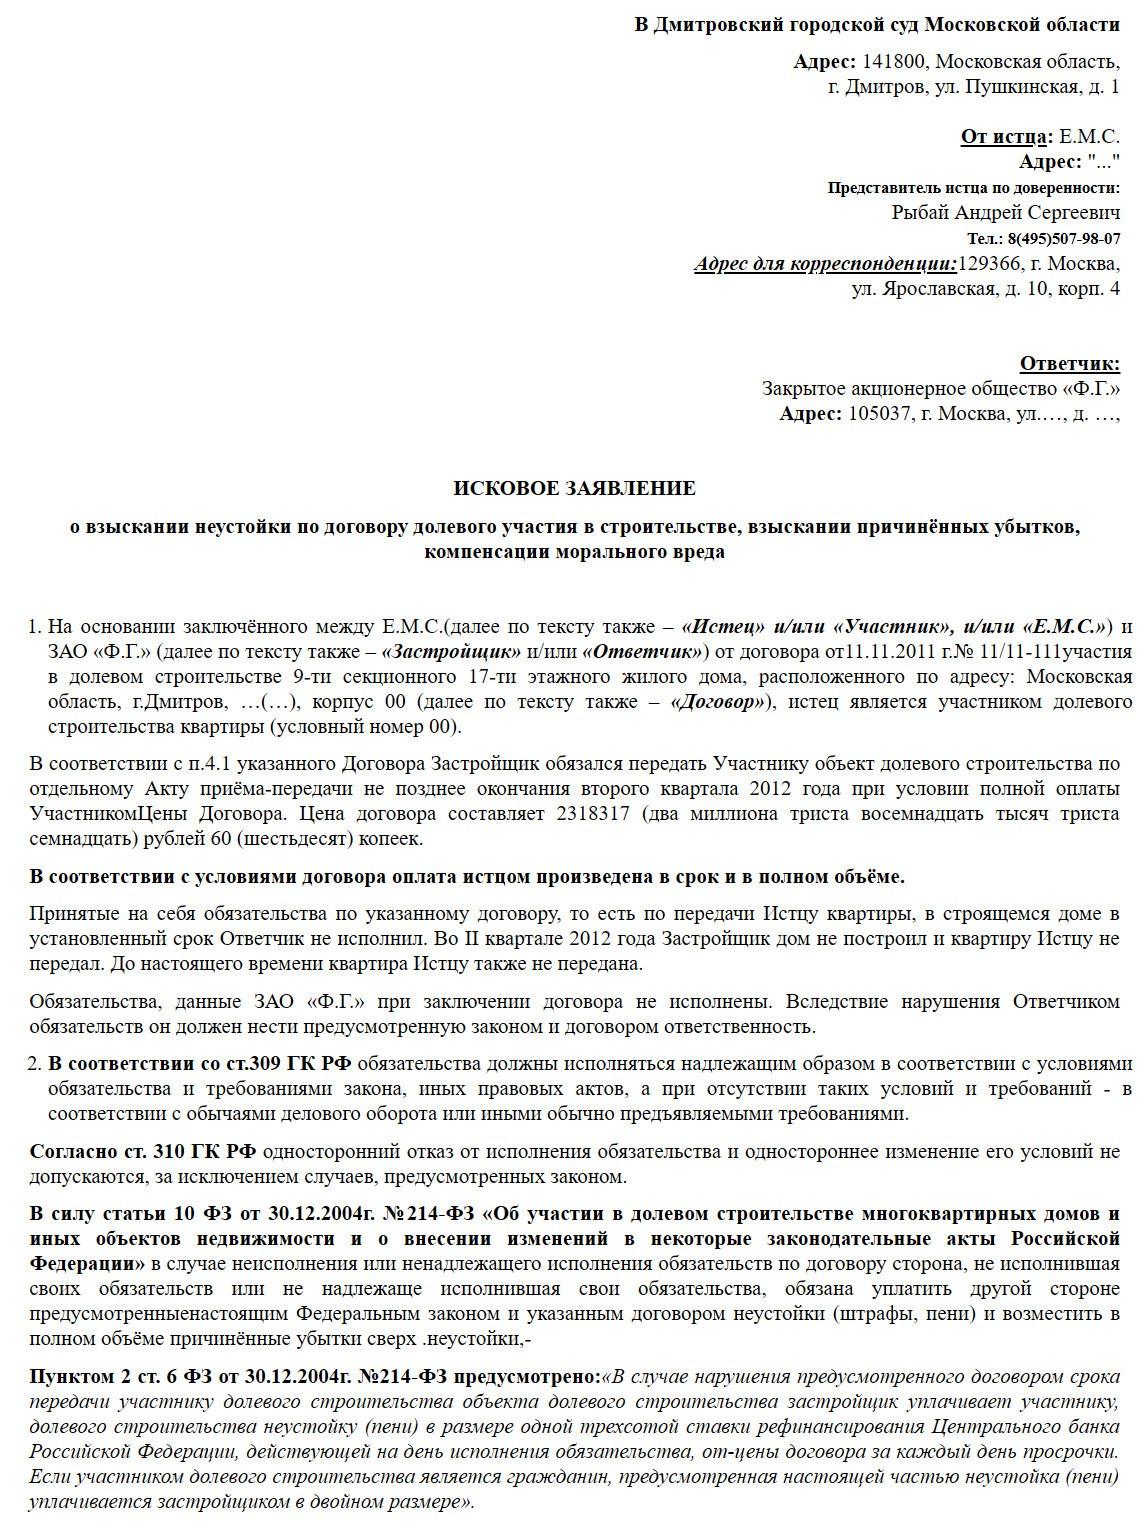 Изображение - Оформление искового заявления о взыскании неустойки с застройщика iskovoe-zayavlenie-o-vzyskanii-neustojki-po-dogovoru-dolevogo-uchastiya-v-stroitelstve-vzyskanii-prichinjonnykh-ubytkov-kompensatsii-moralnogo-vreda-1